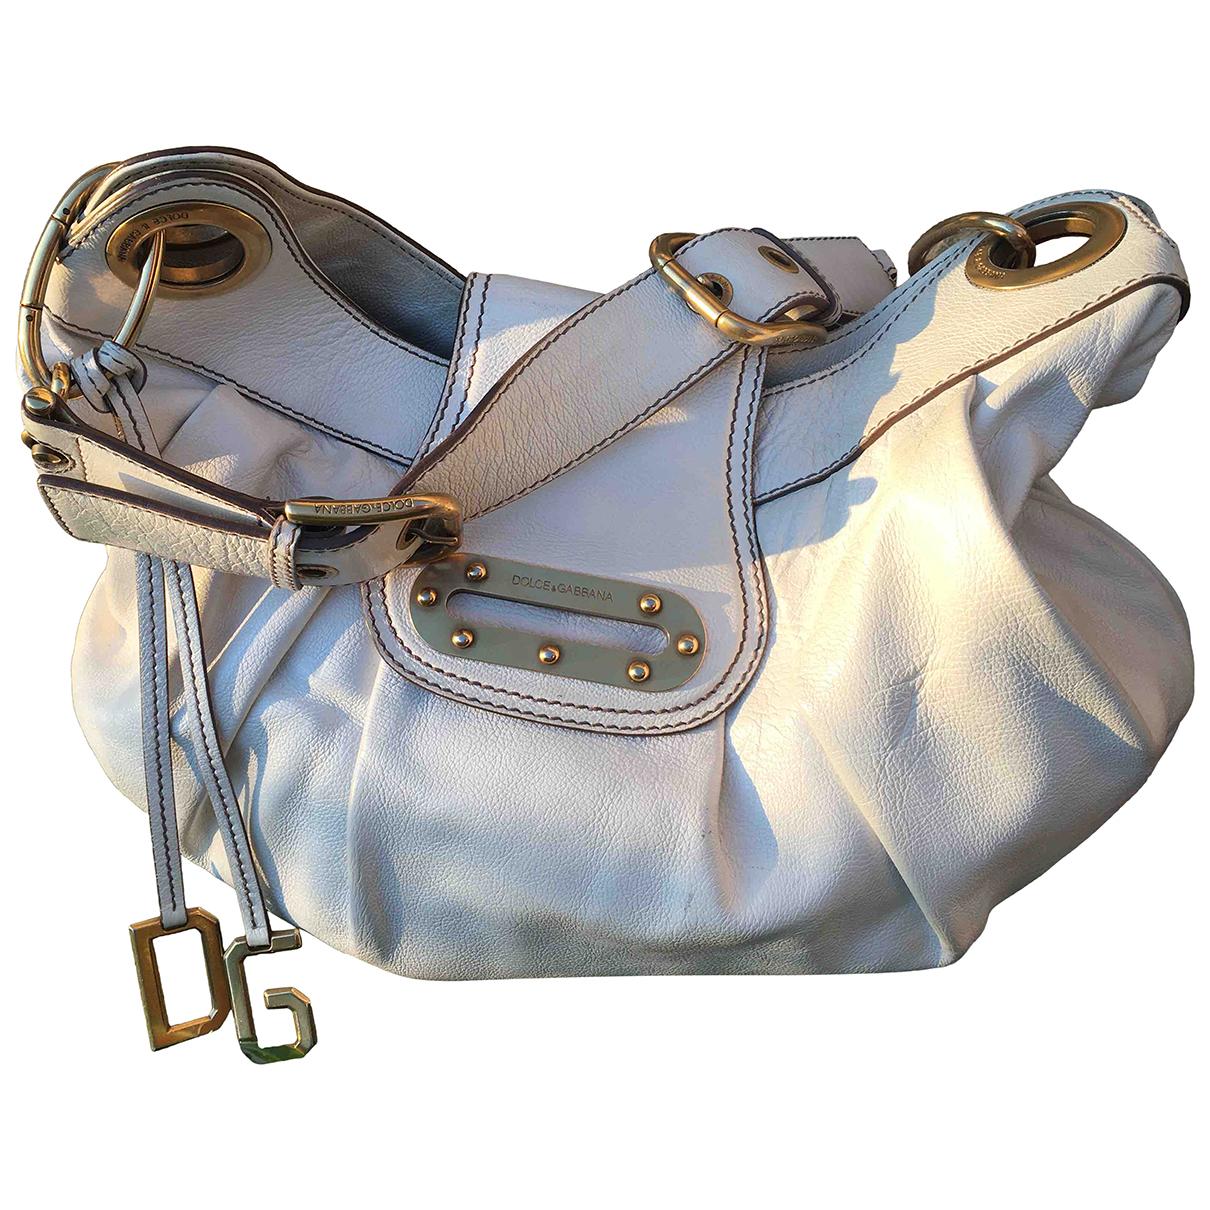 Dolce & Gabbana N White Leather handbag for Women N